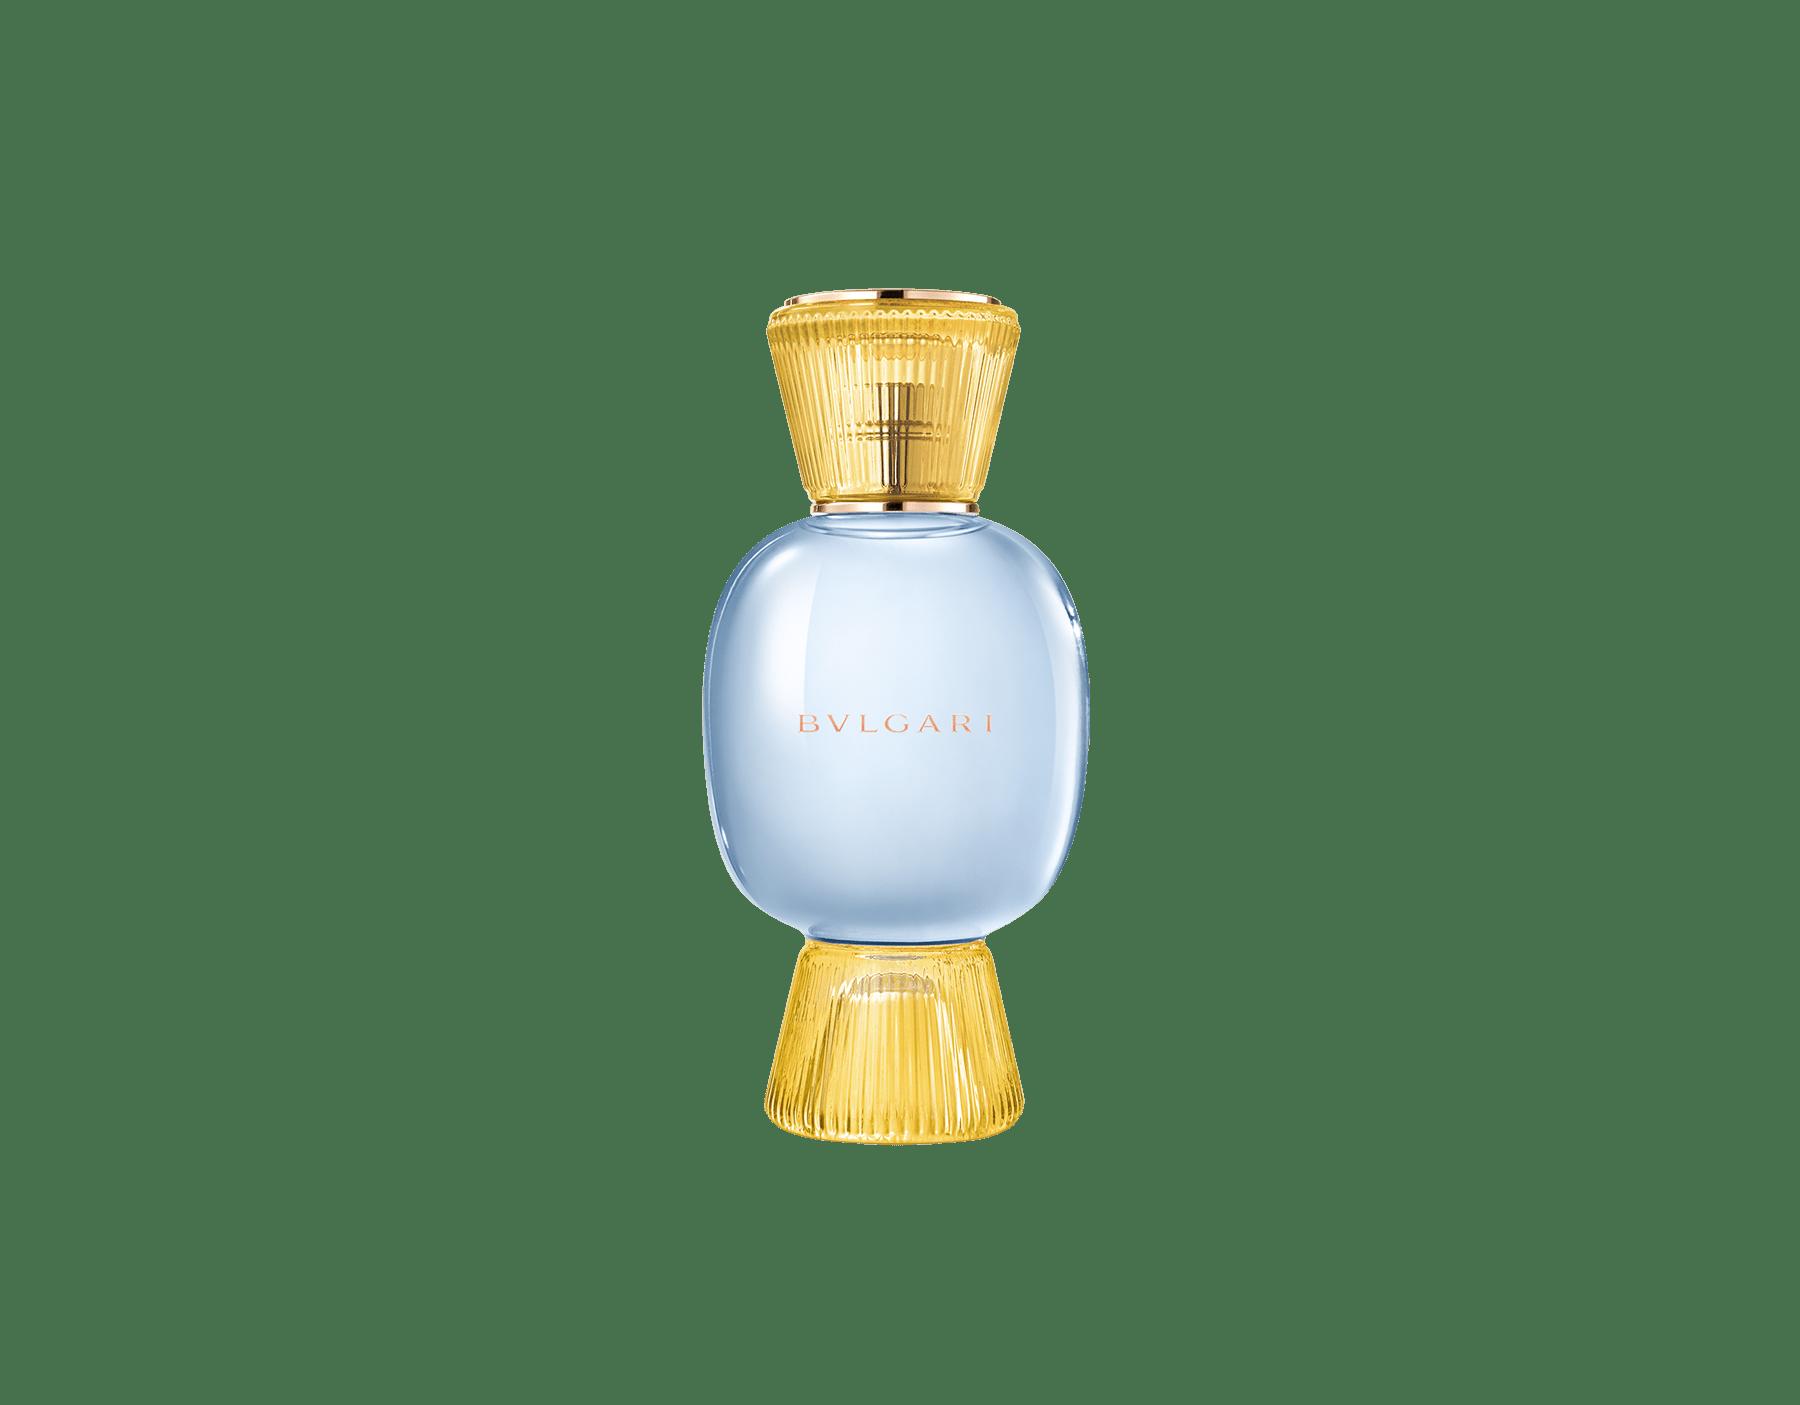 Эксклюзивный парфюмерный набор, вам под стать – такой же смелый и уникальный. В сочетании искрящихся цитрусовых нот парфюмерной воды Riva Solare Allegra и теплого оттенка эссенции Magnifying Musk рождается неотразимый женский аромат с индивидуальным характером.  Perfume-Set-Riva-Solare-Eau-de-Parfum-and-Musk-Magnifying image 2